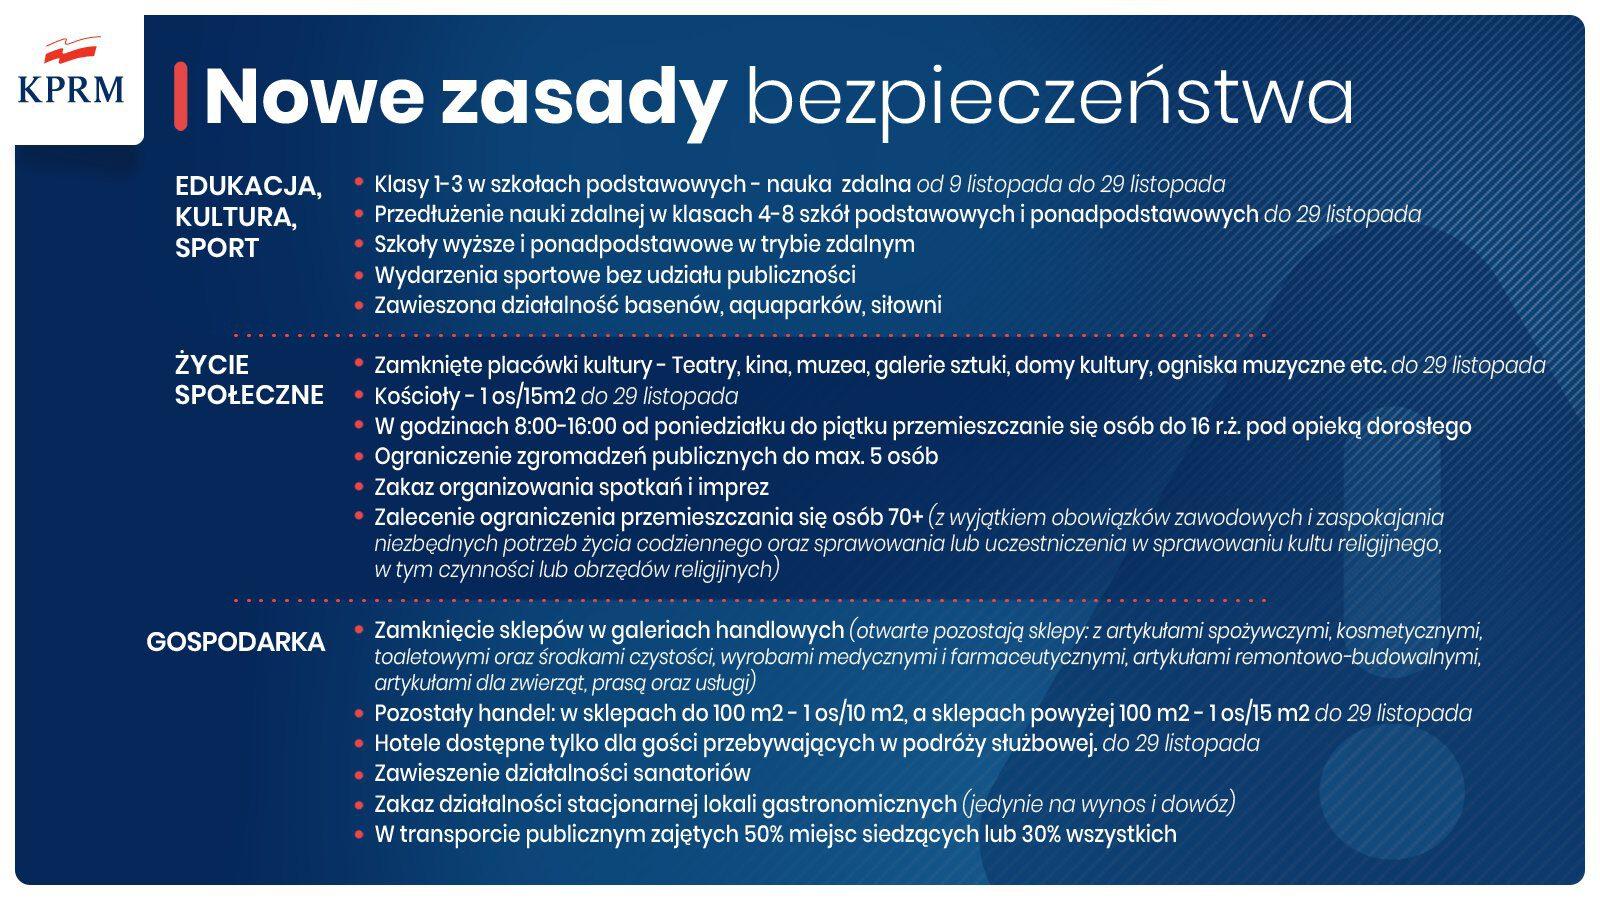 KPRM - etapy zasad bezpieczeństwa w związku z COVID-19 - szczegóły